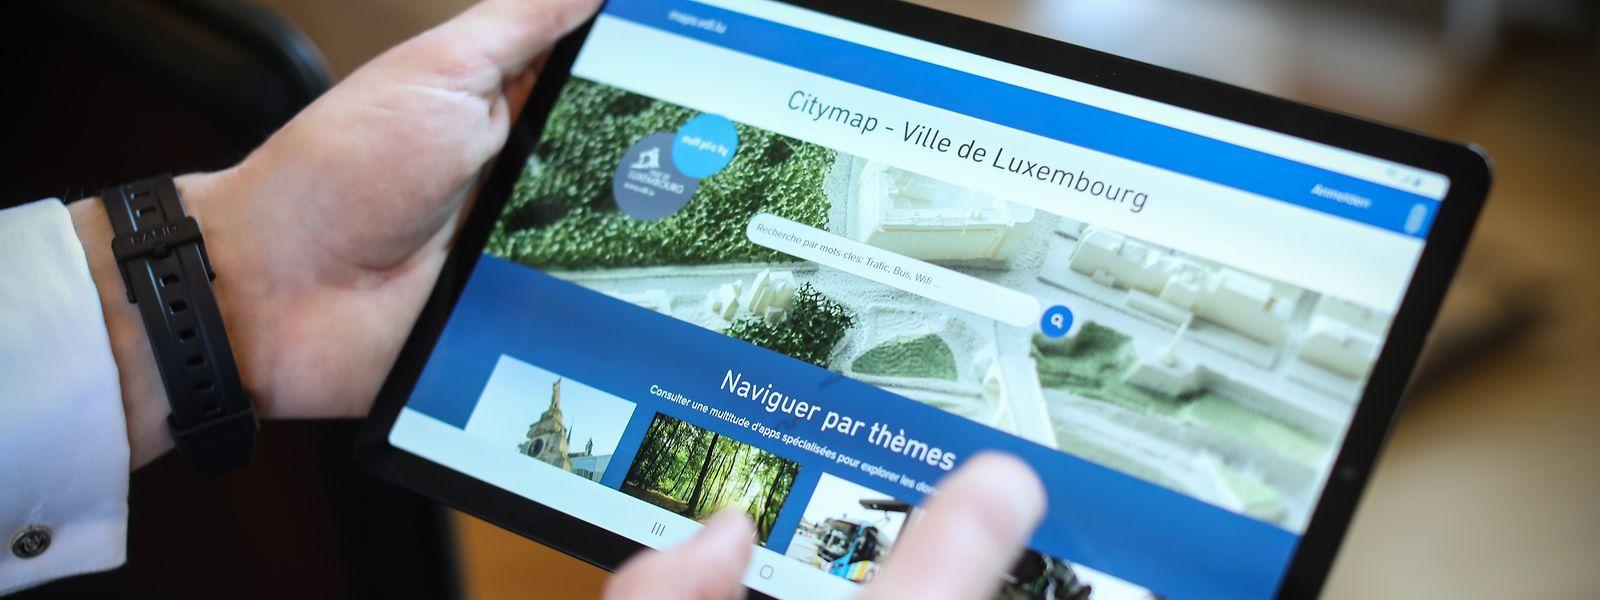 Ob Tablet, Handy oder Laptop: Citymap passt sich dem jeweiligen Gerät an.